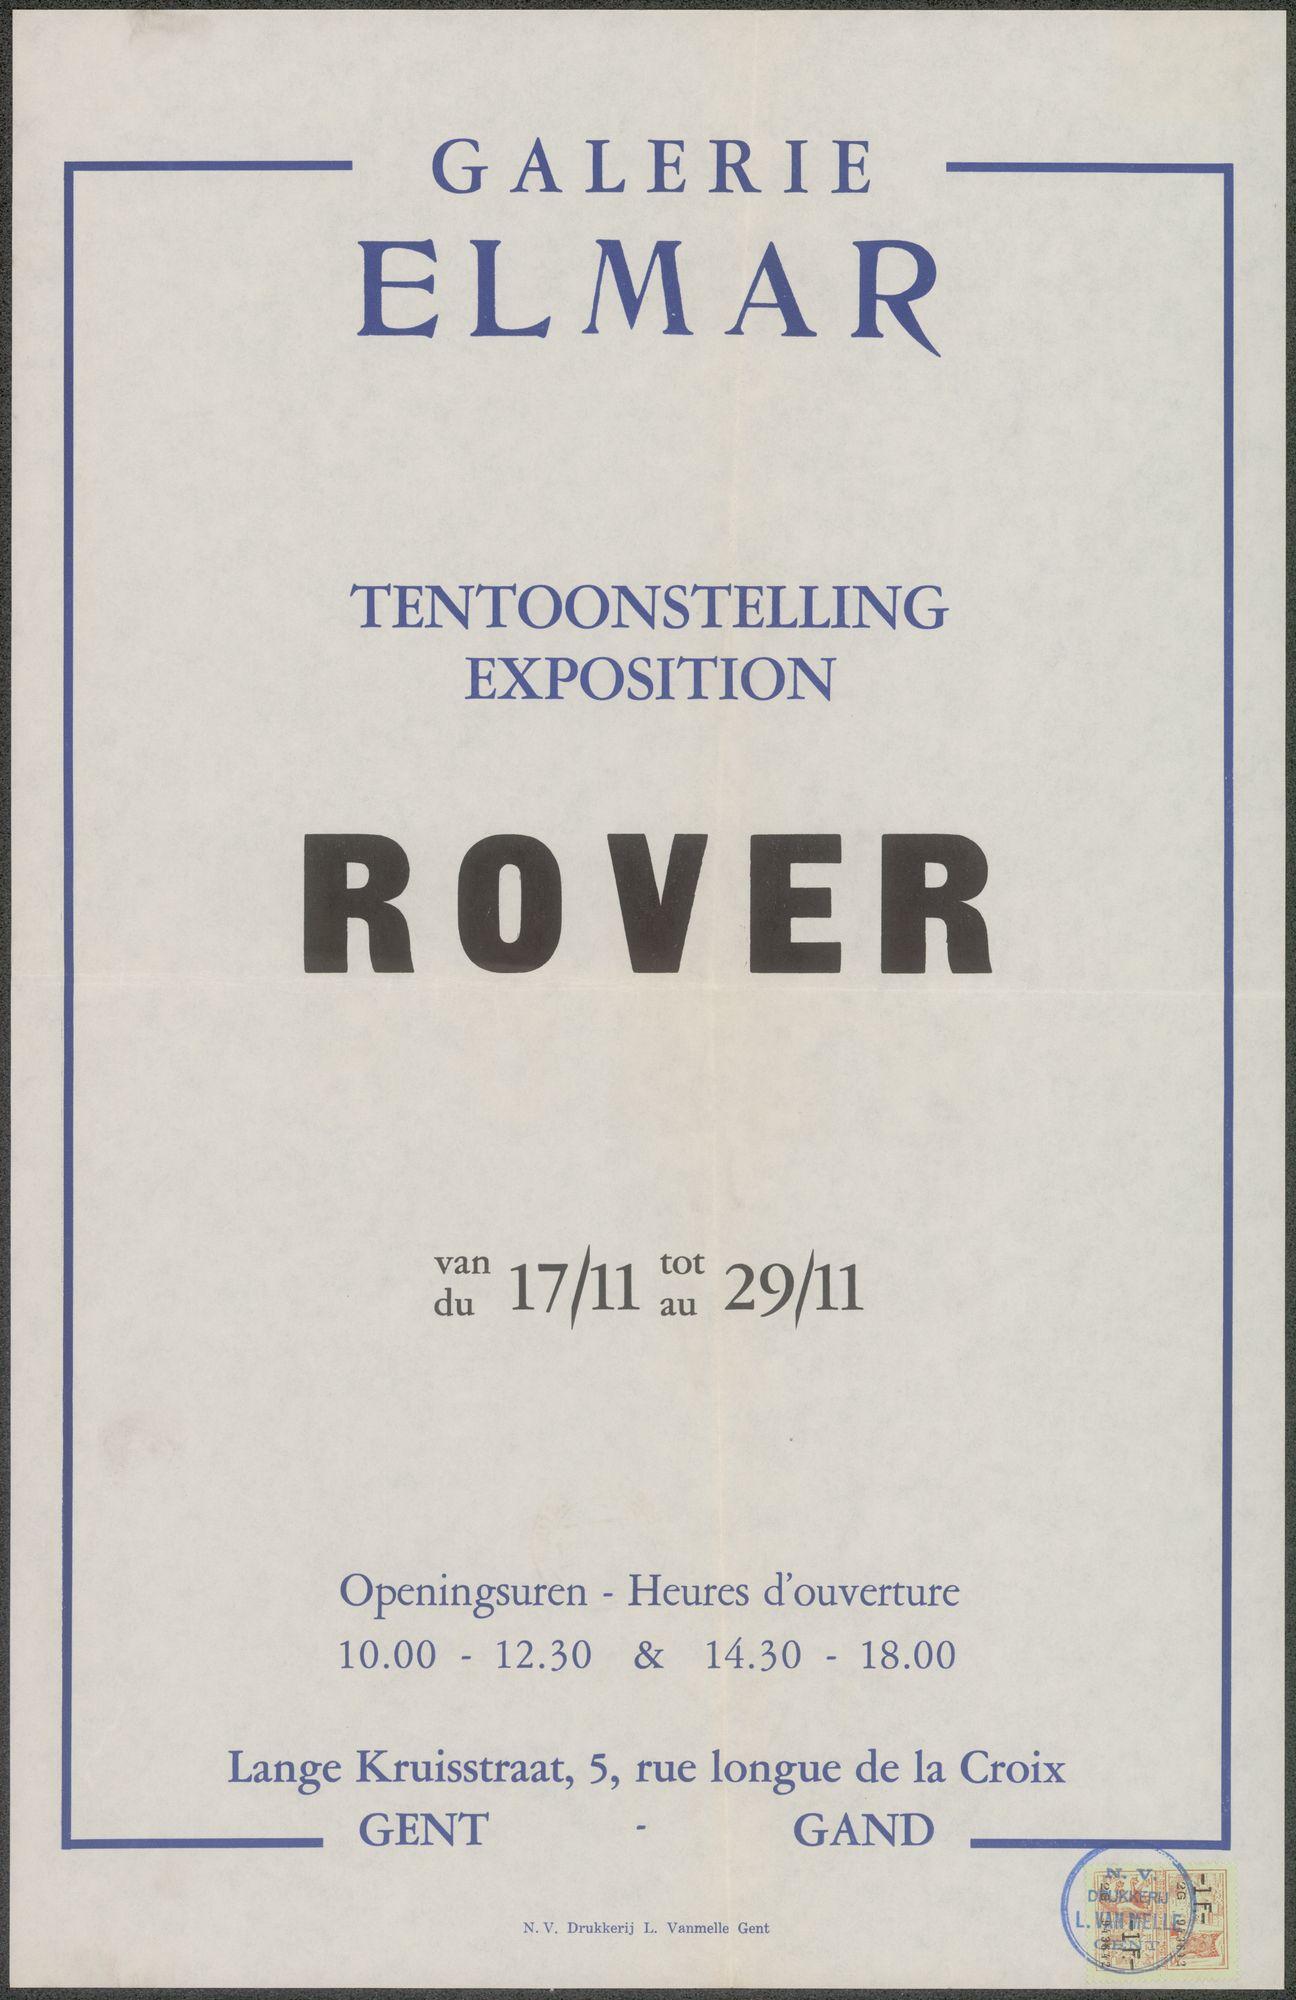 Tentoonstelling Rover, Galerie Elmar, Lange Kruisstraat 5, Gent, 7 november - 29 november 1957